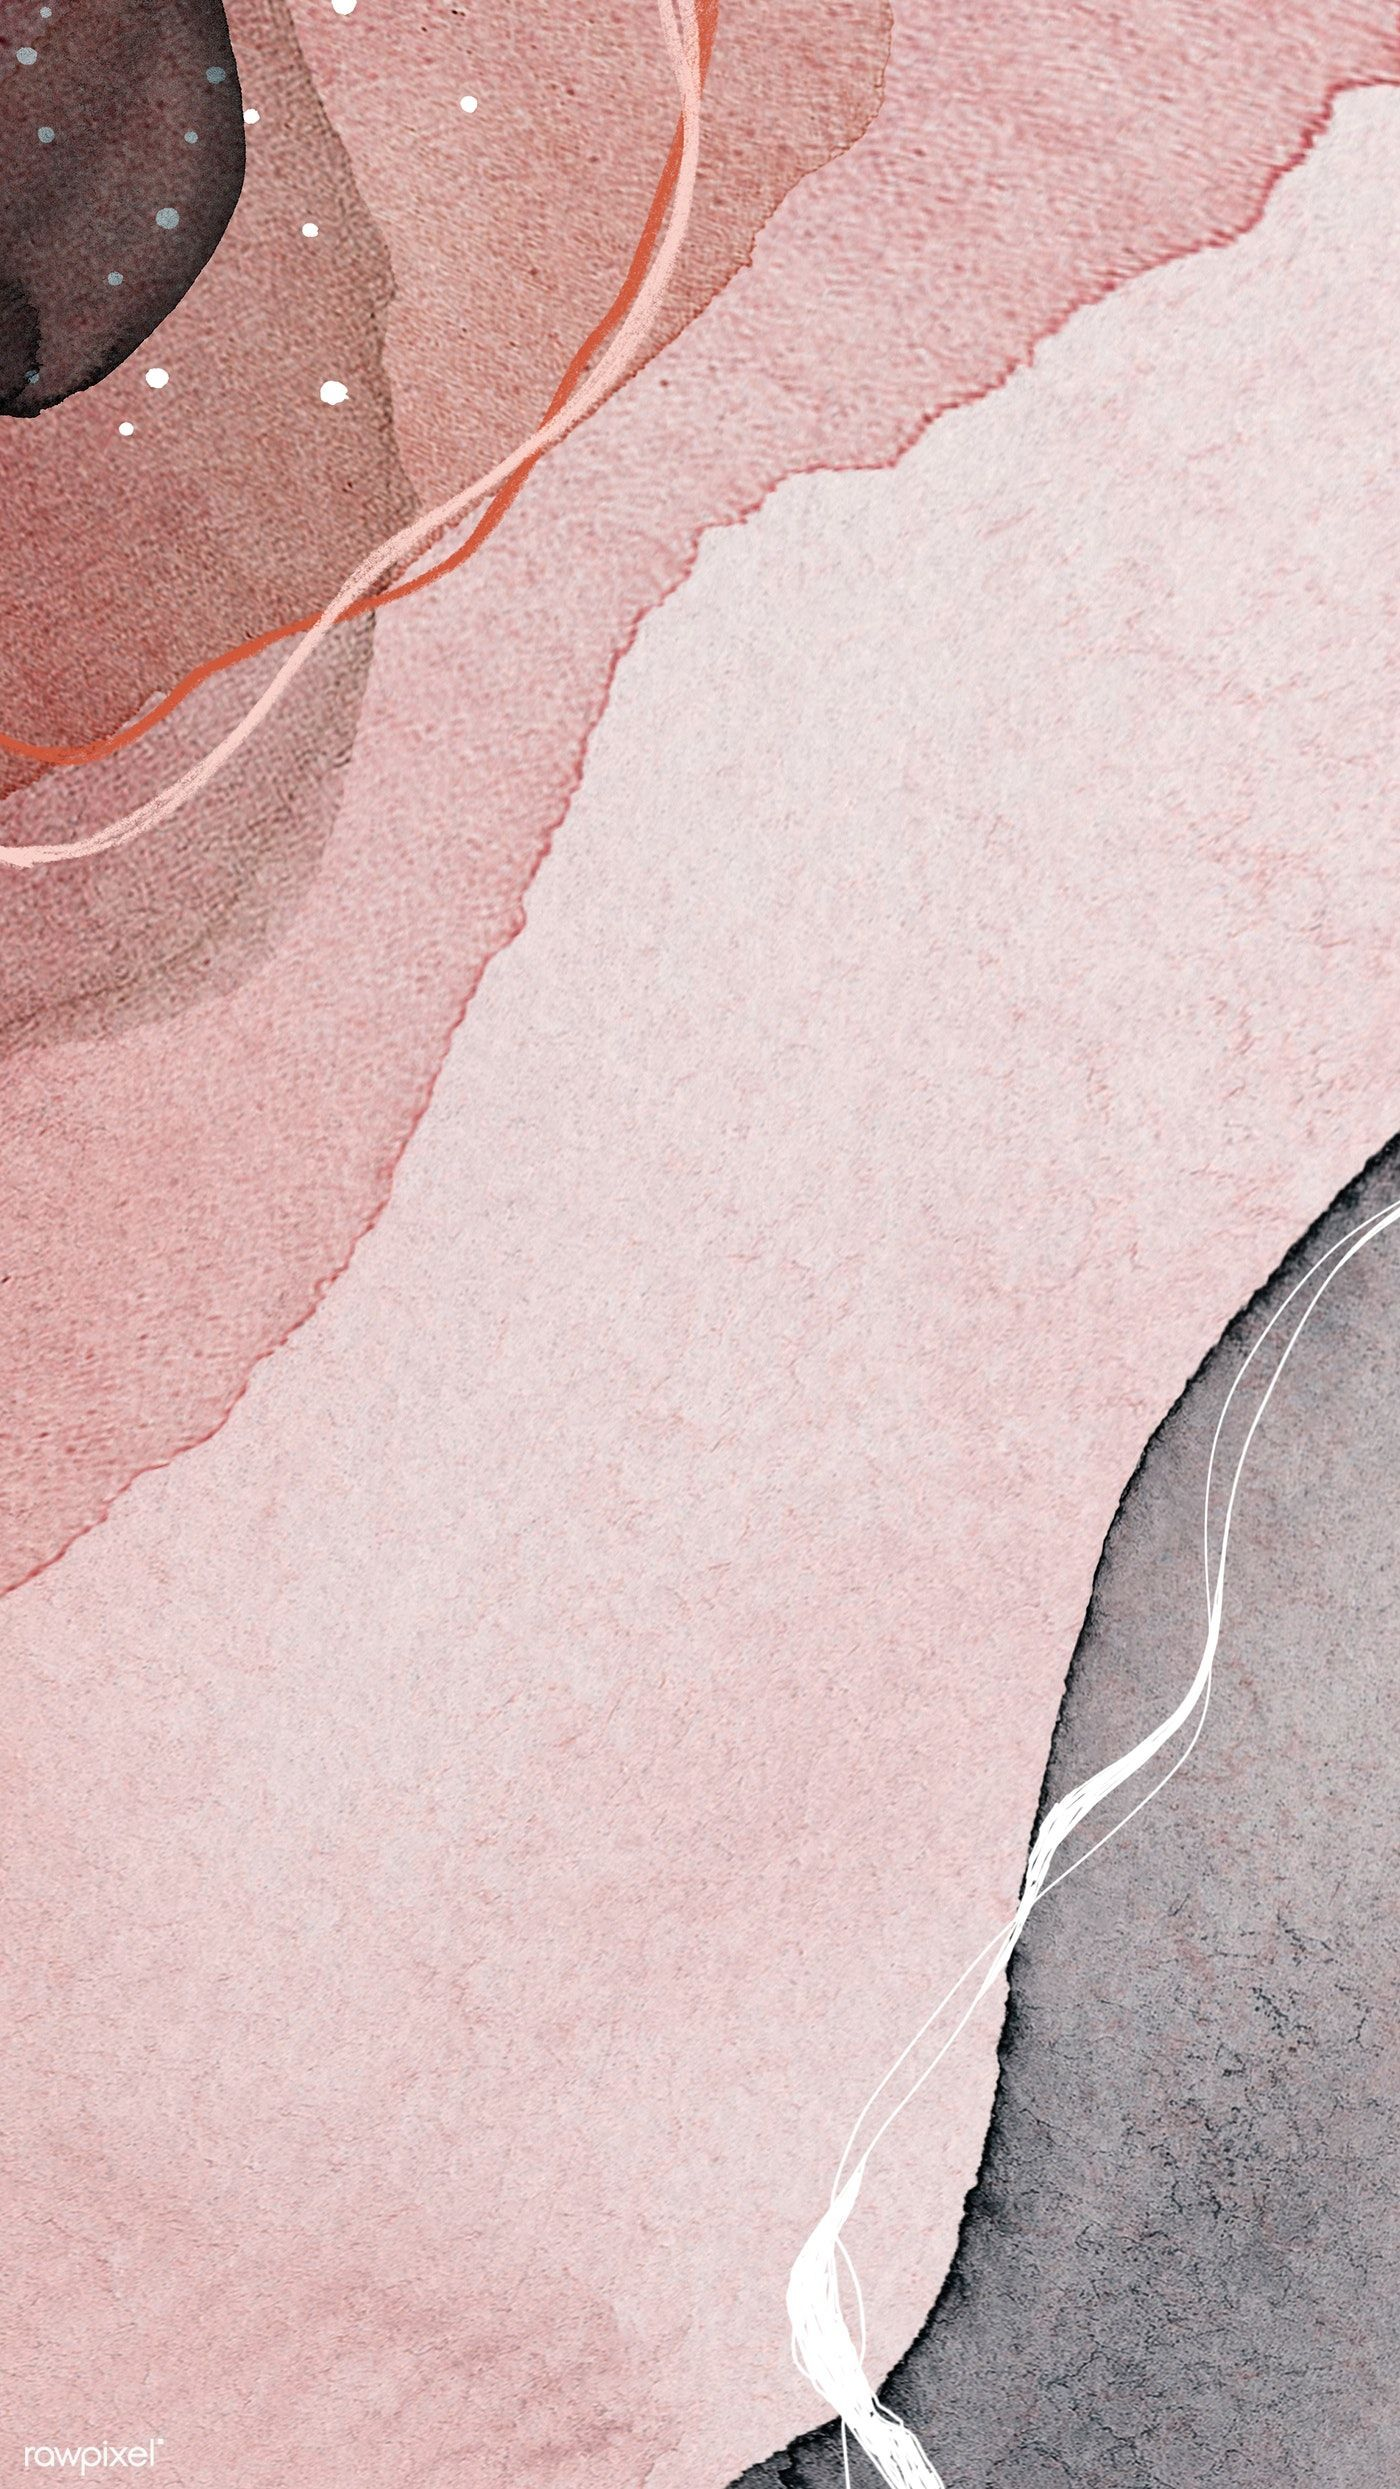 Descargar Ilustración De Alta Calidad De La Tierra Abstracta Tono De Pintura Teléfono Móvil Pintura Abstracta Fondos De Colores Papel Tapiz Abstracto